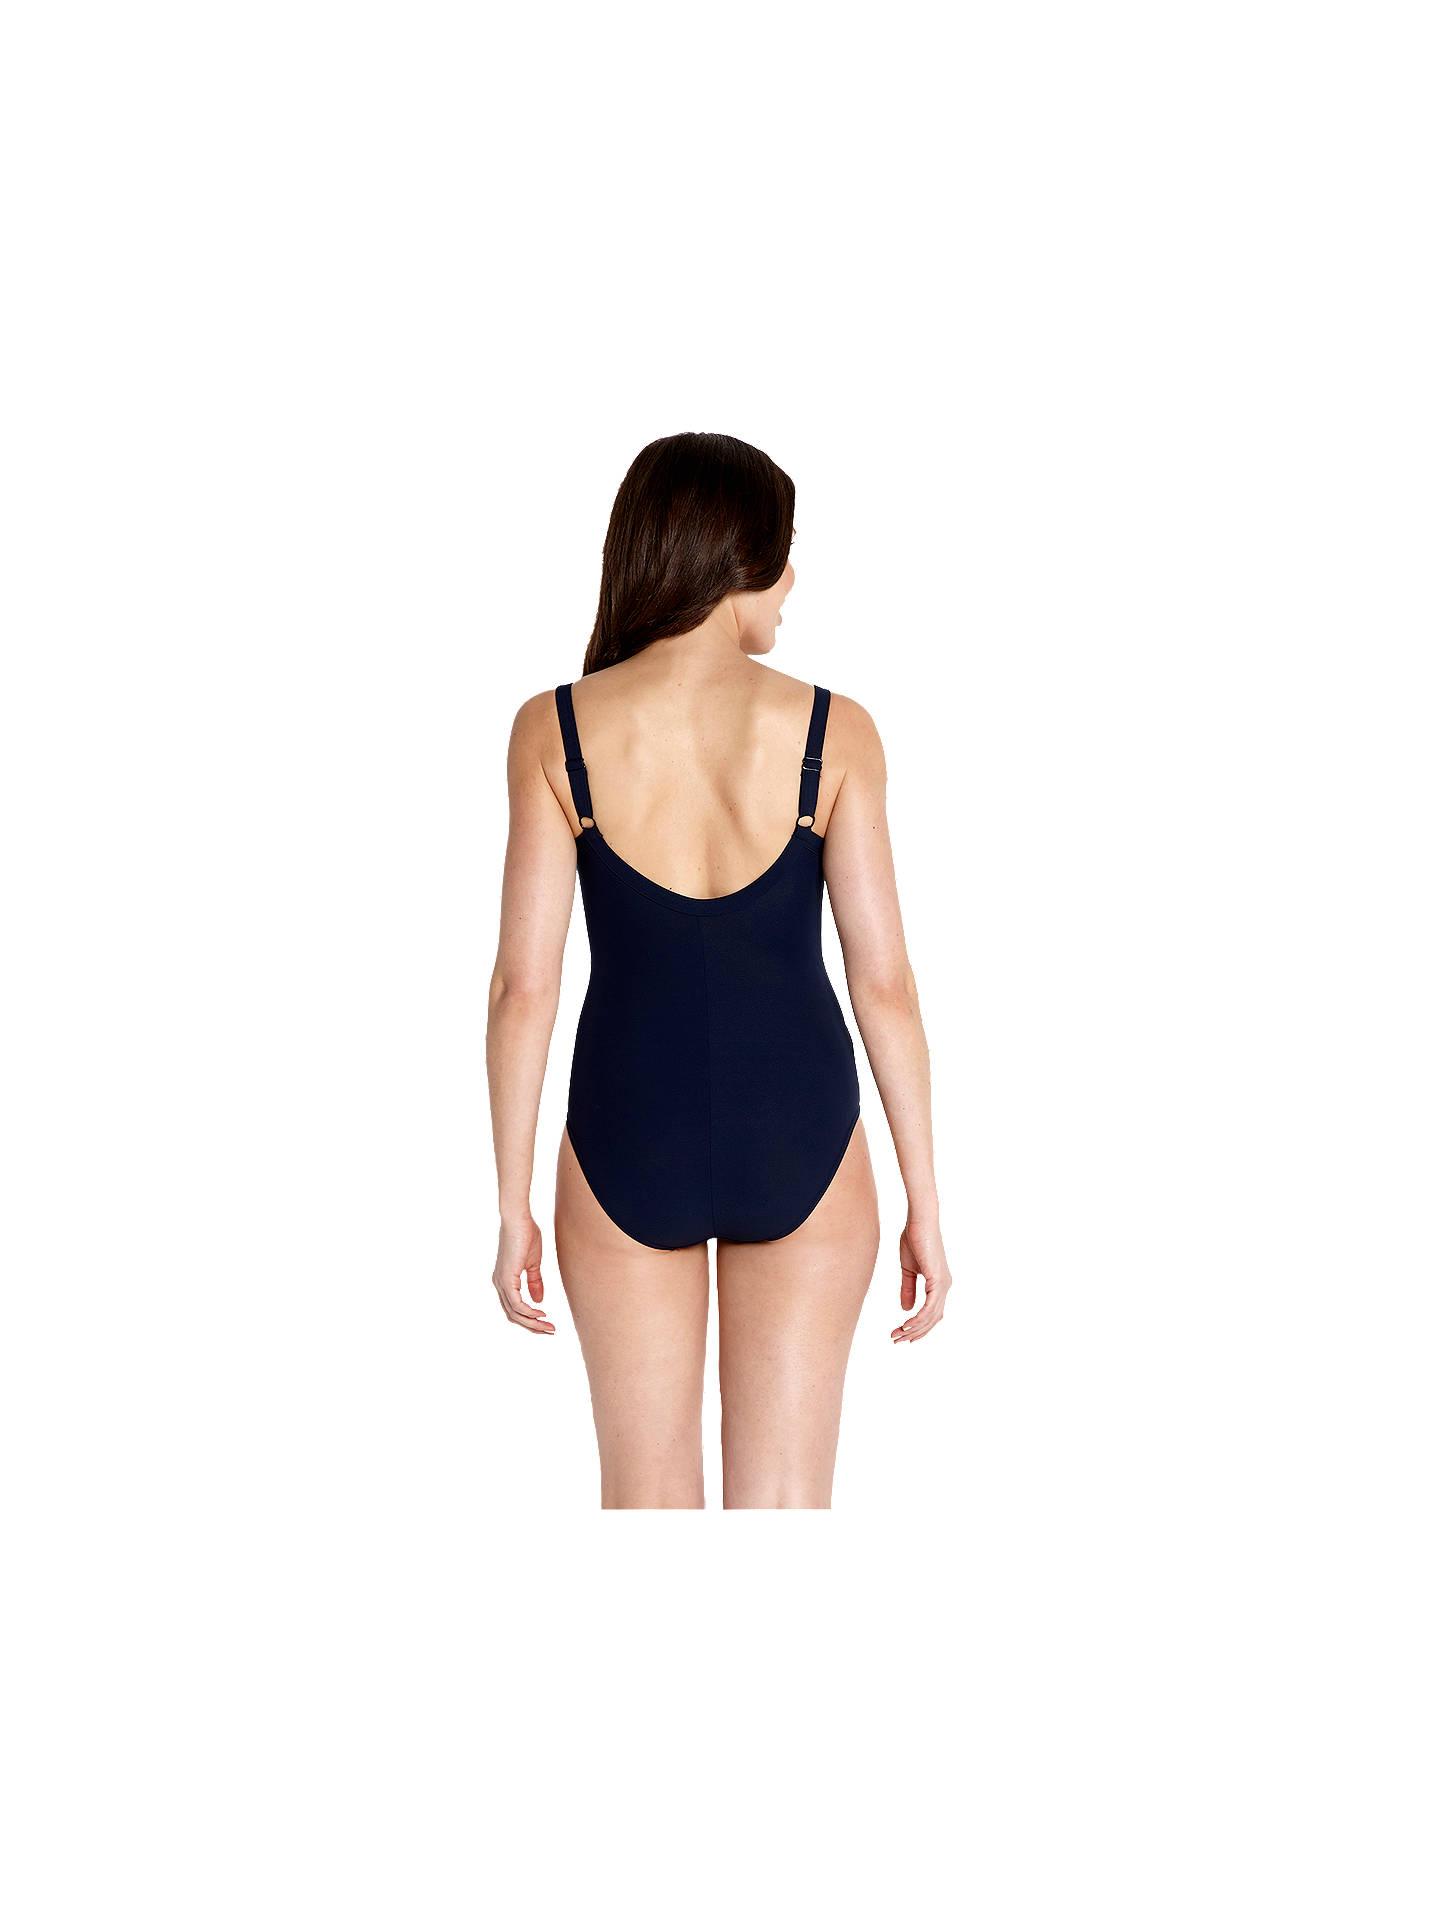 14e522264c7 ... Buy Speedo Sculpture Watergem Adjustable Swimsuit, Navy, 32 Online at  johnlewis.com ...